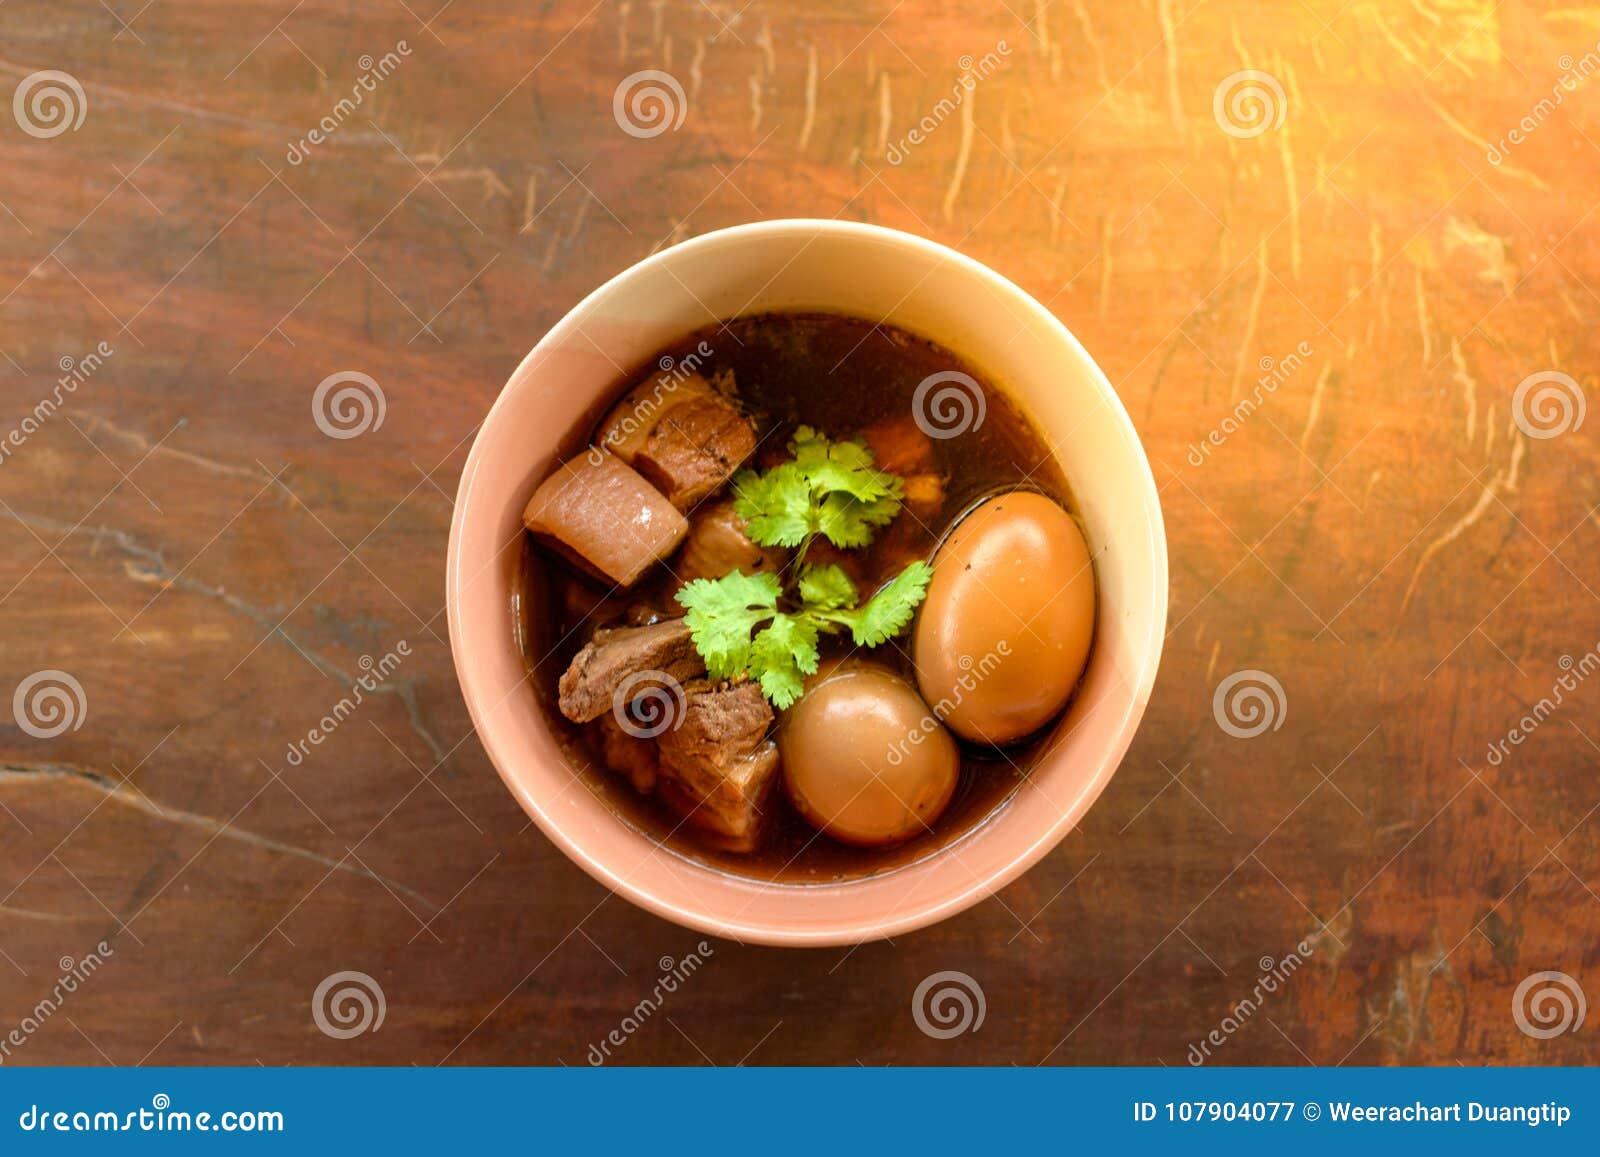 鸡蛋和猪肉在棕色沙司青蛙